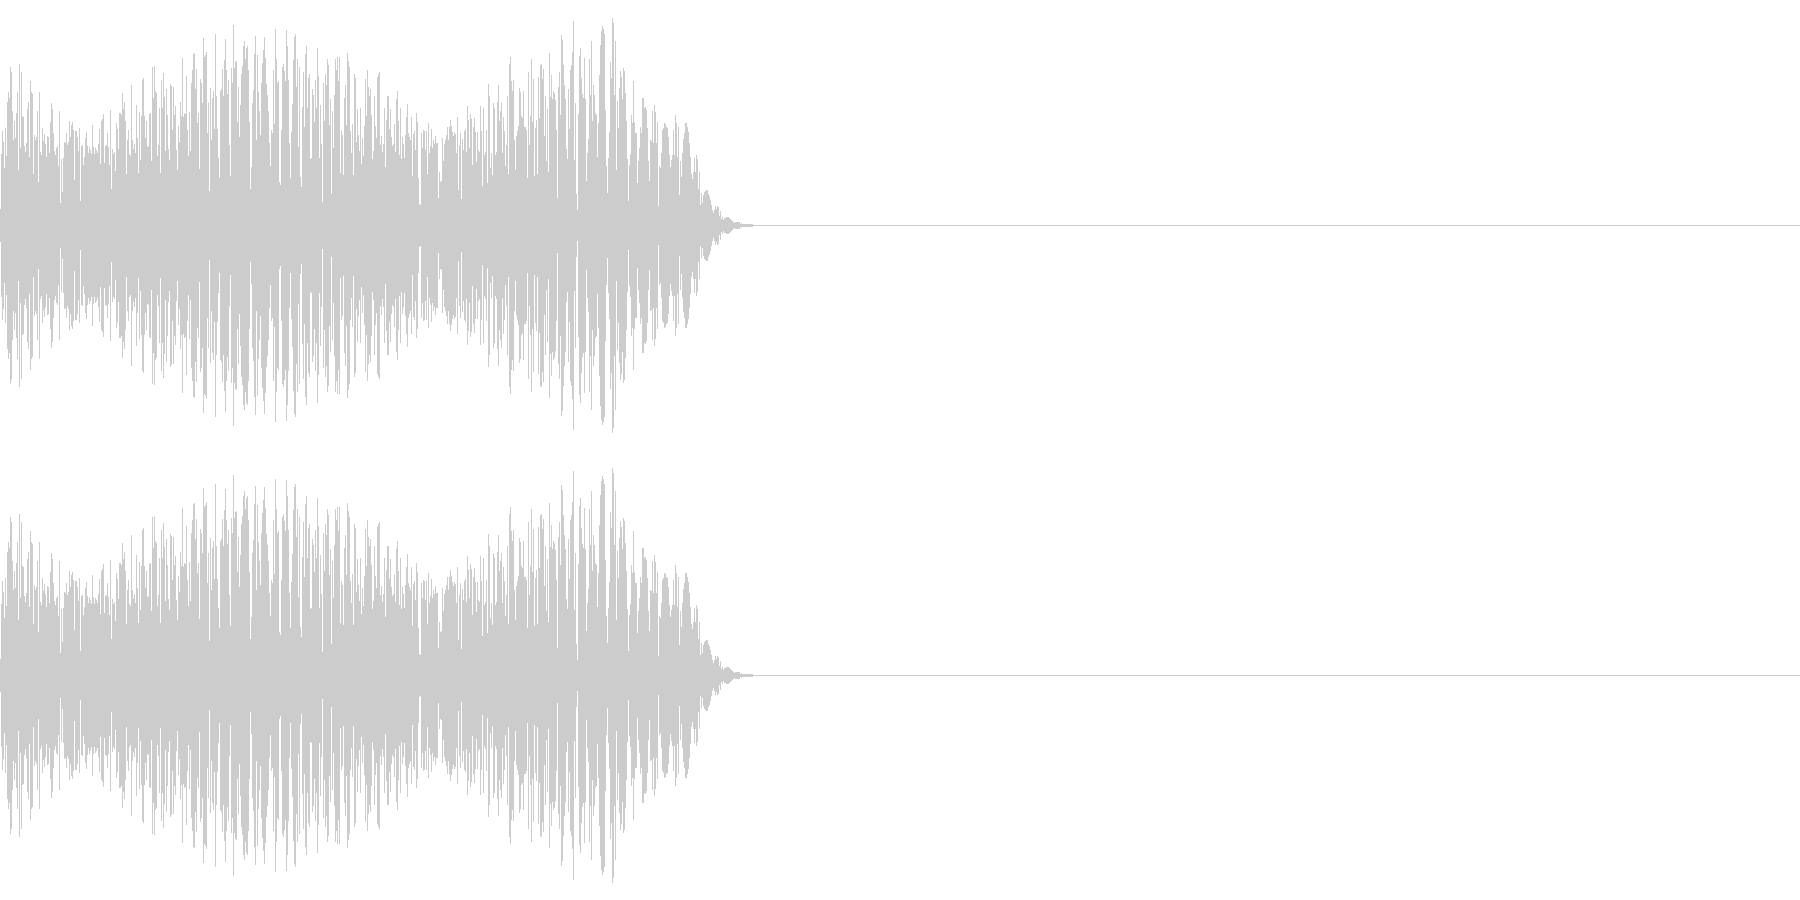 ゲーム等の禁止音「ブッ」 中くらいの音程の未再生の波形